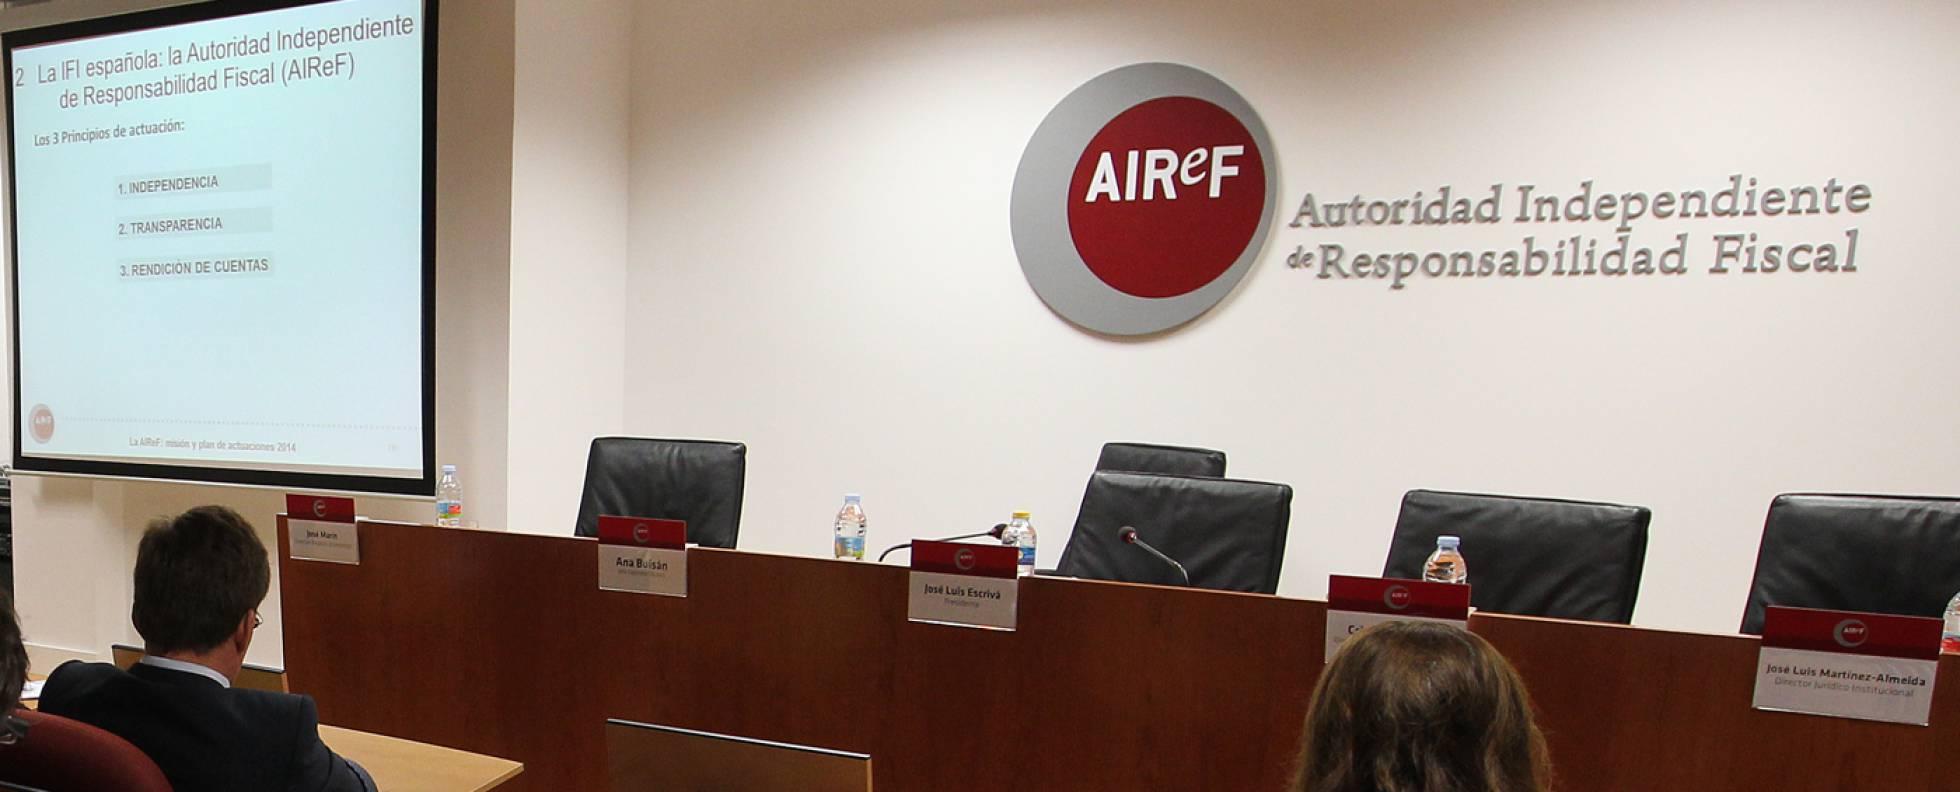 crecimiento-ultimo-trimestre-2019-comunidad-valenciana-pib-airef